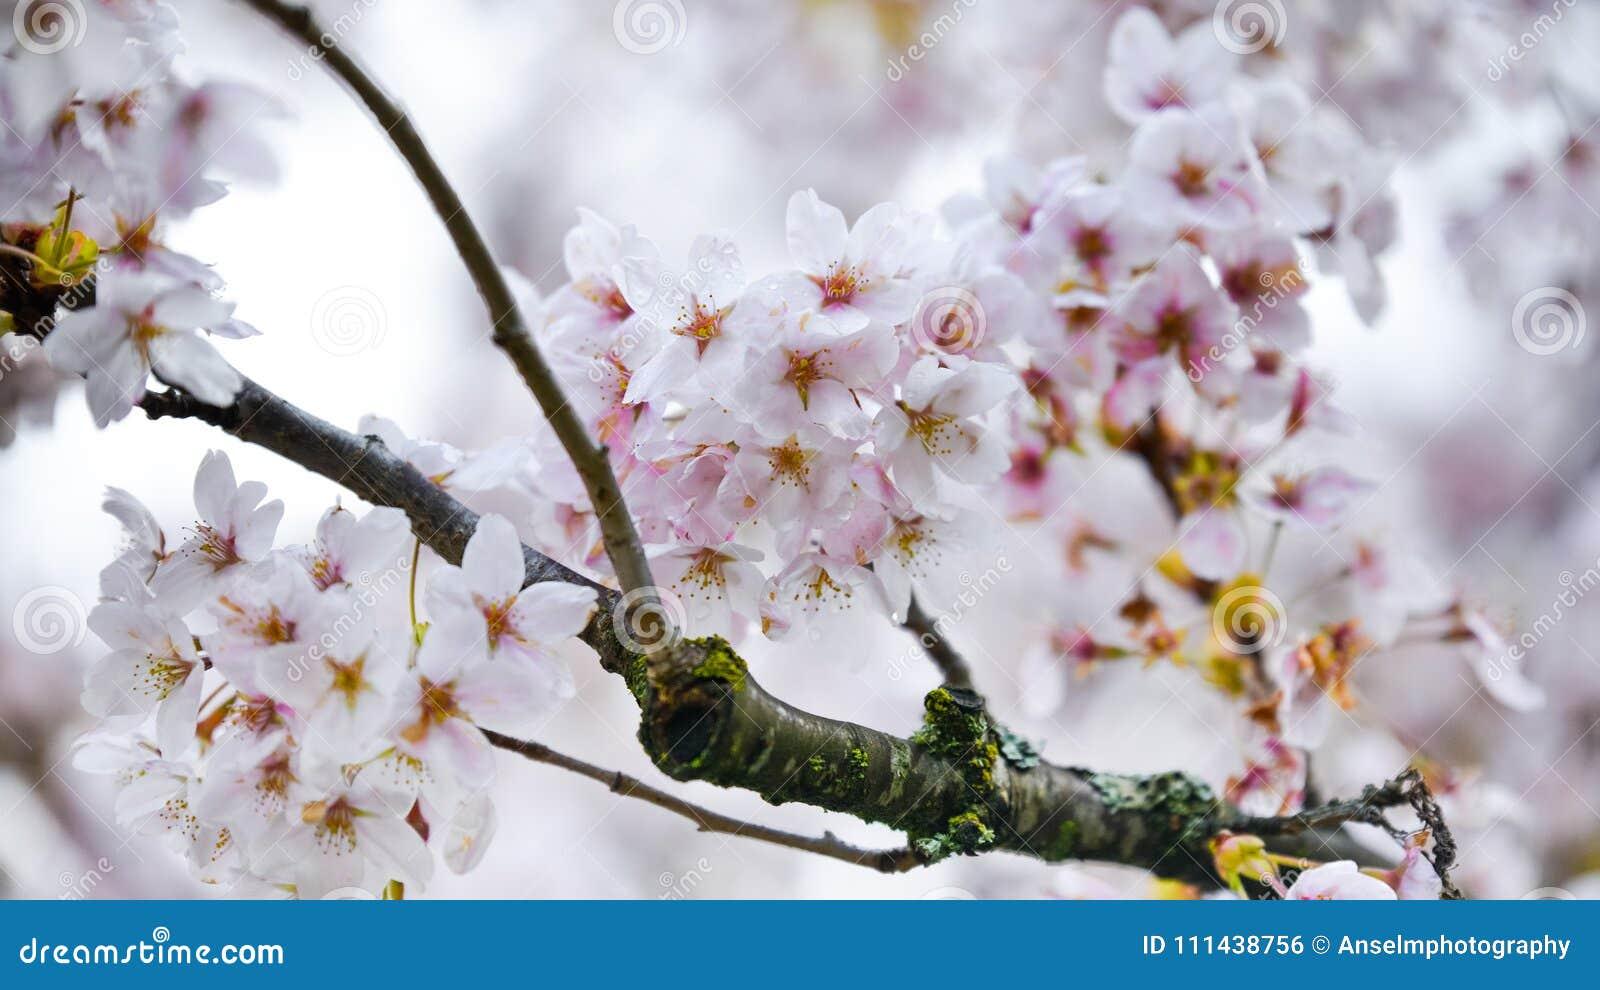 Cherry Blossoms That Hang On rosáceo blanco al árbol antes del viento los barrió a la maravilla de la primavera de la estación